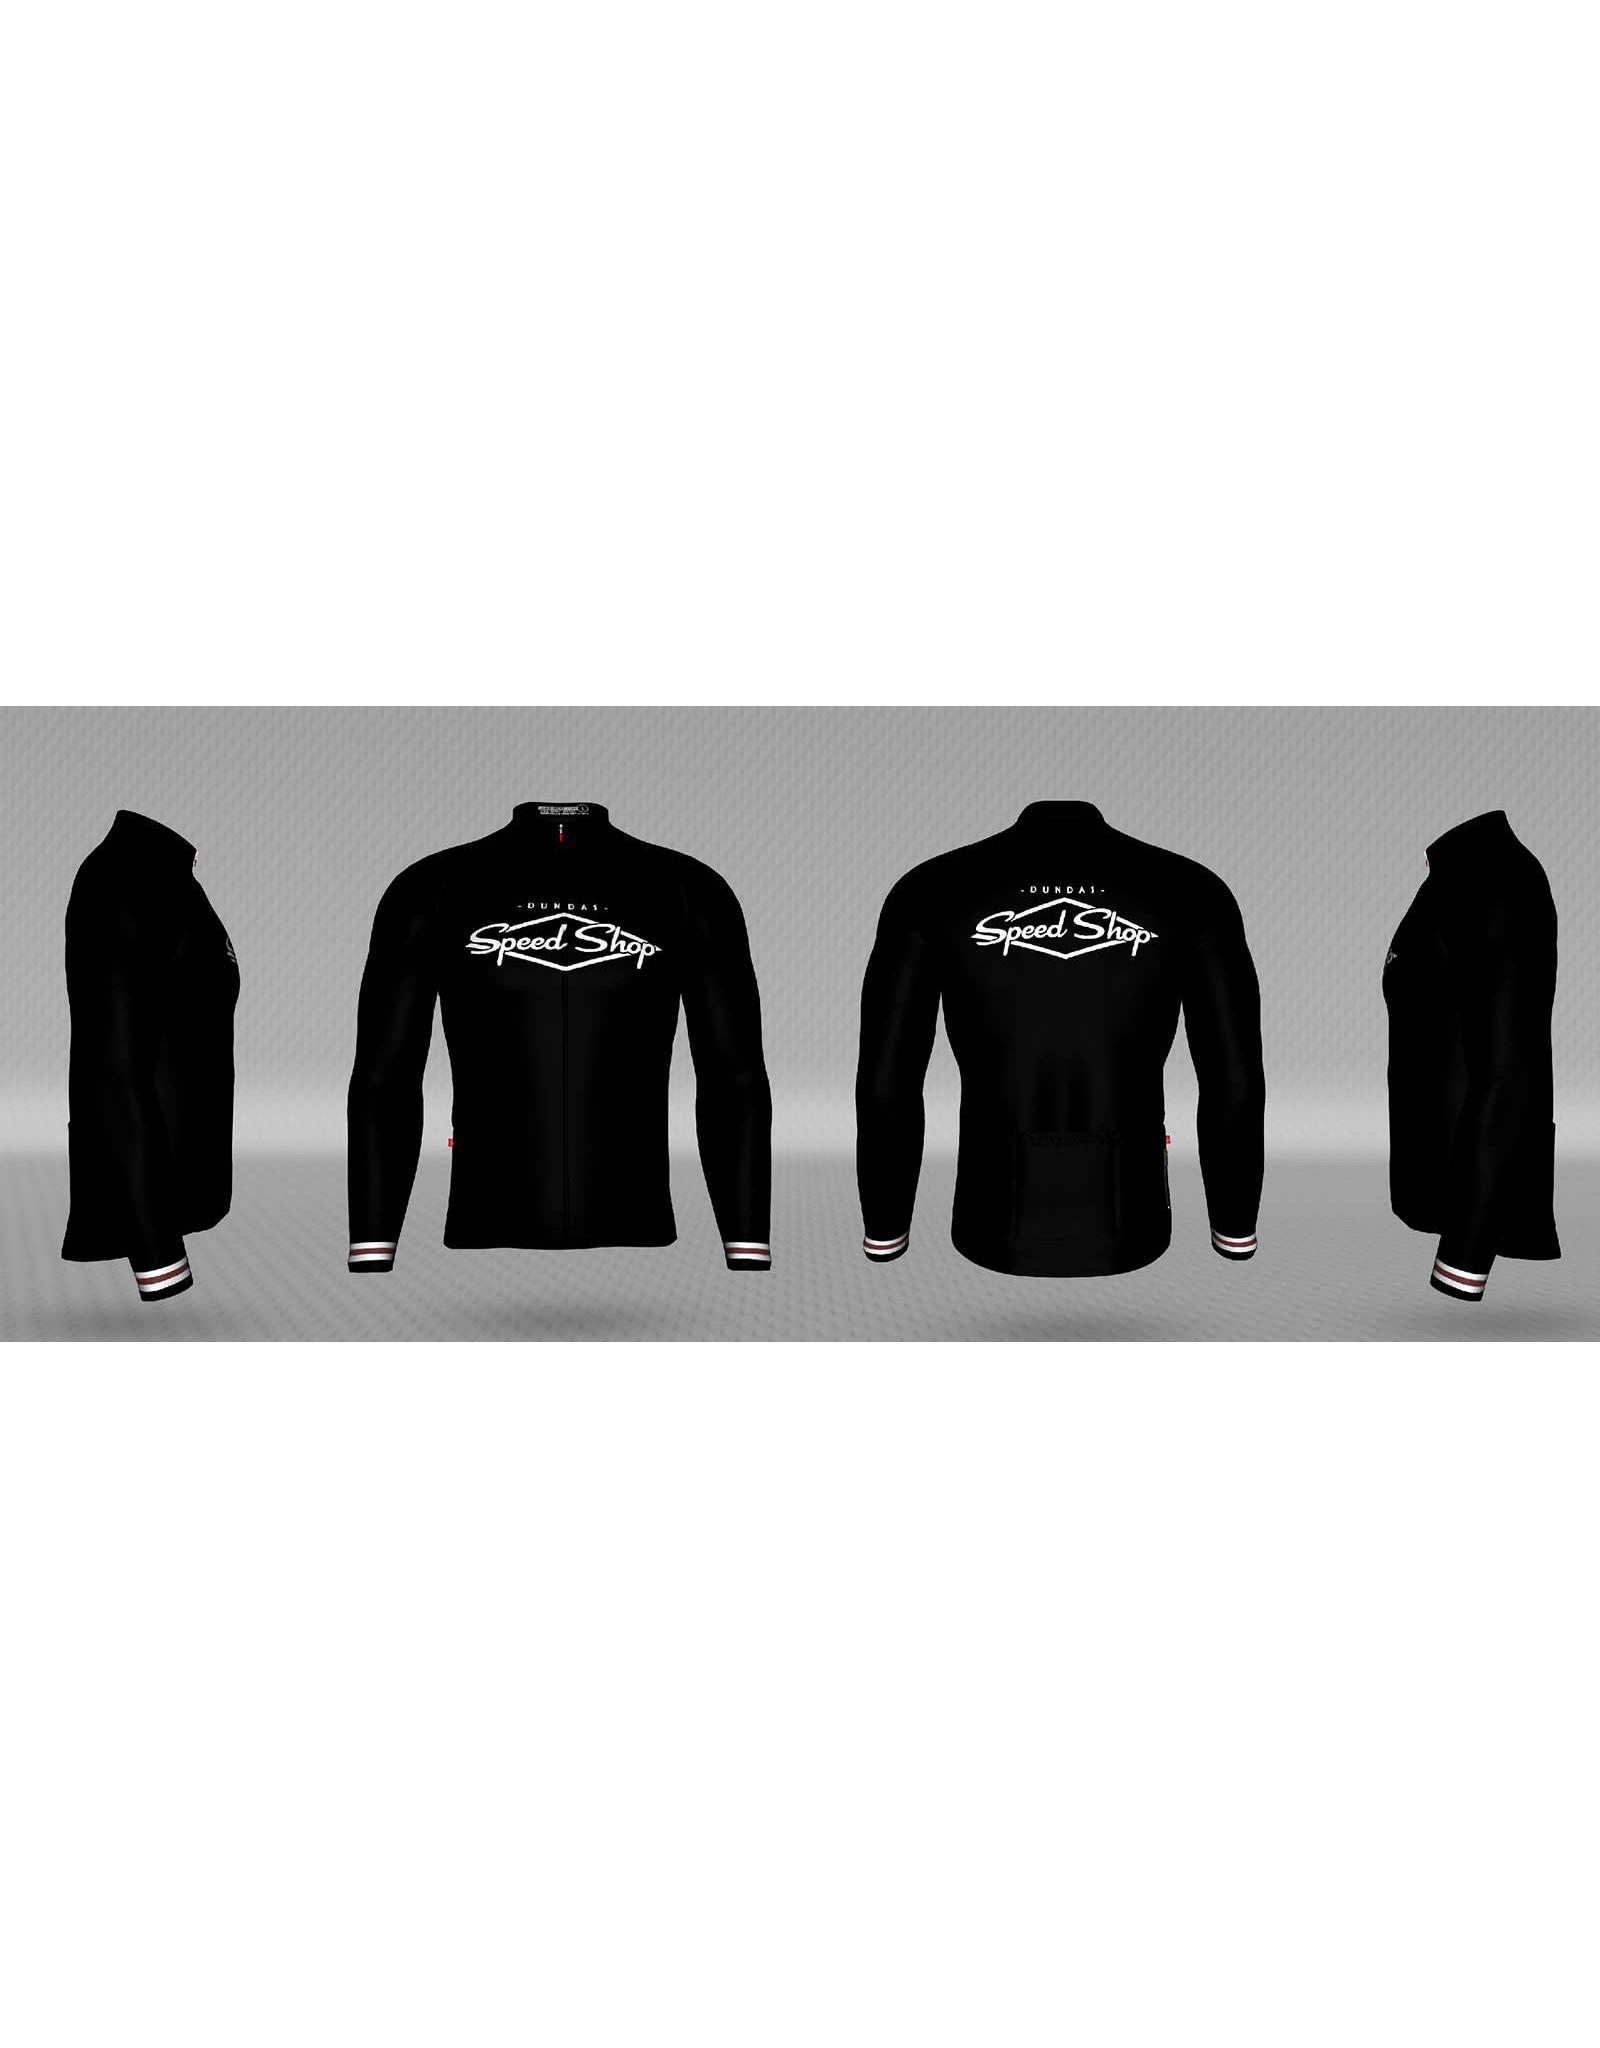 Jakroo Speed Shop Long Sleeve Jersey